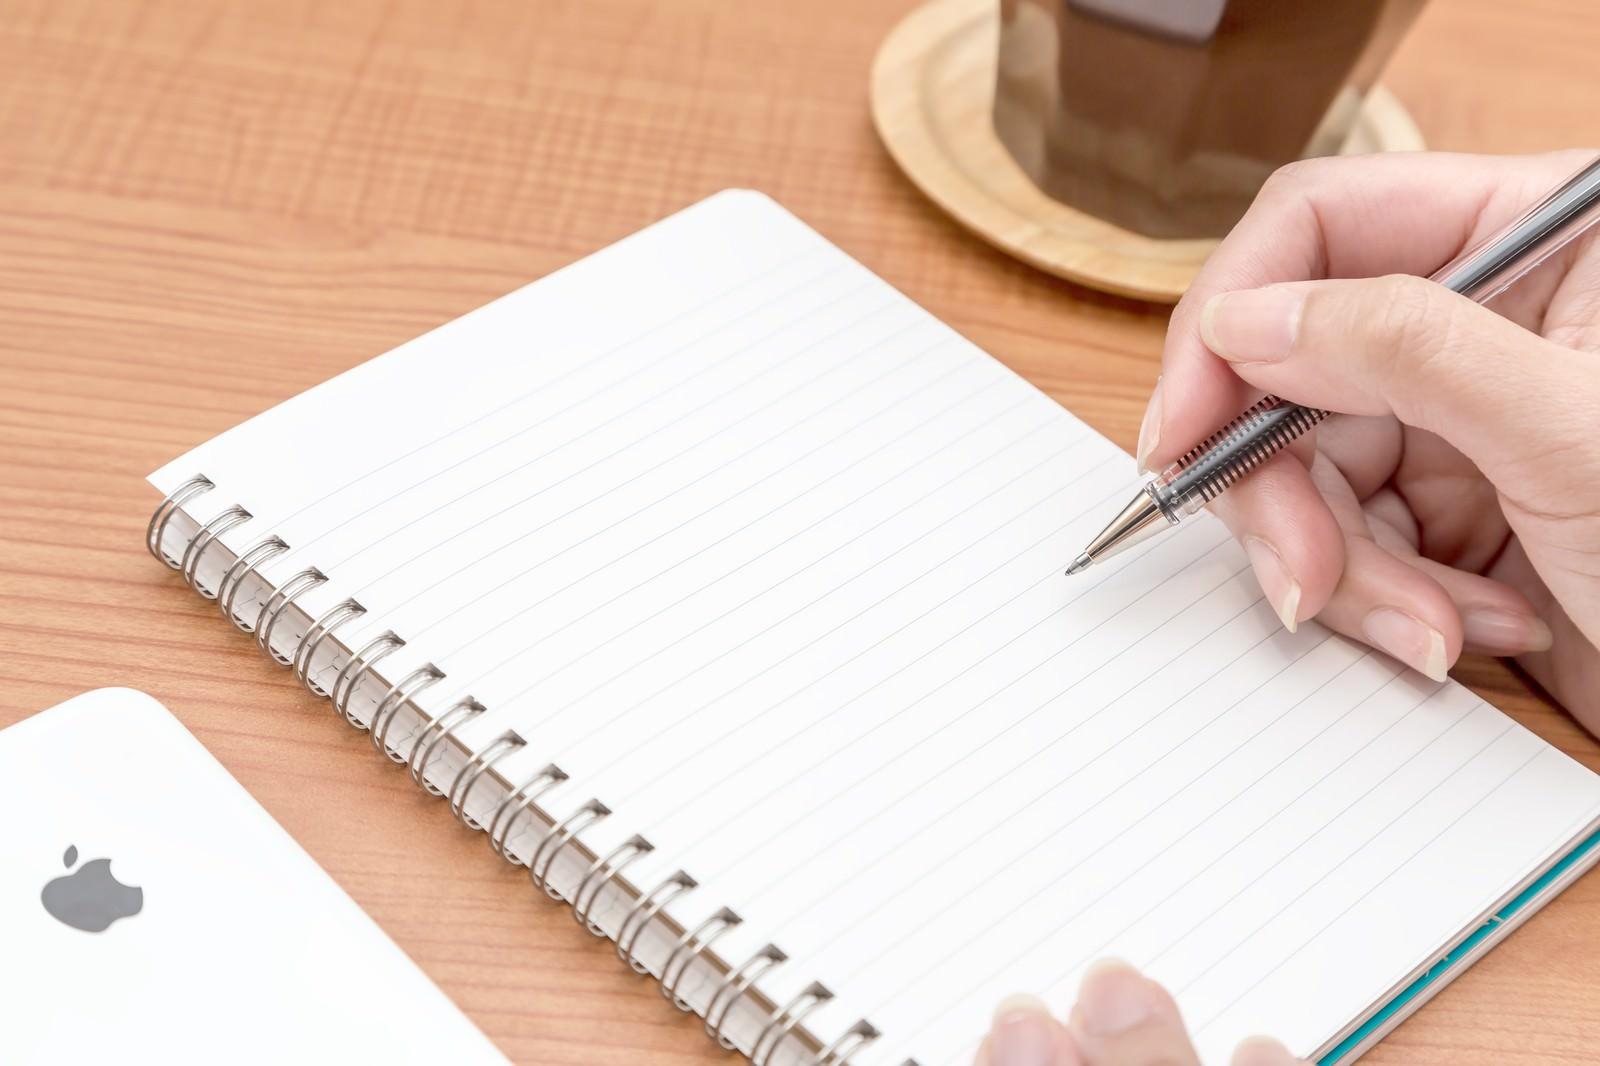 「ノートに書き込みする」